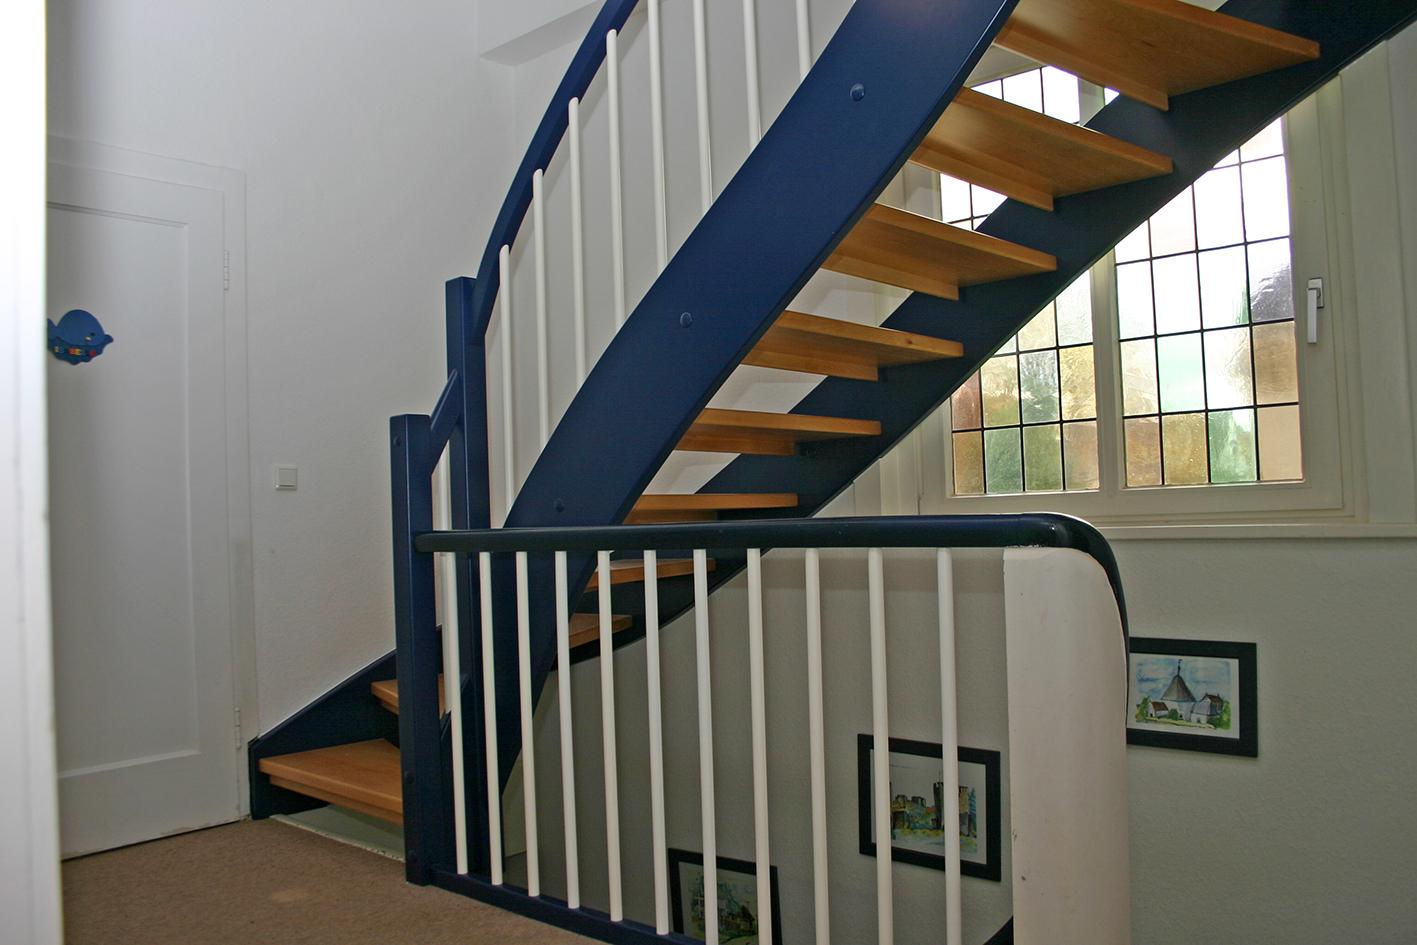 fenster und treppenbau modern und traditionell. Black Bedroom Furniture Sets. Home Design Ideas